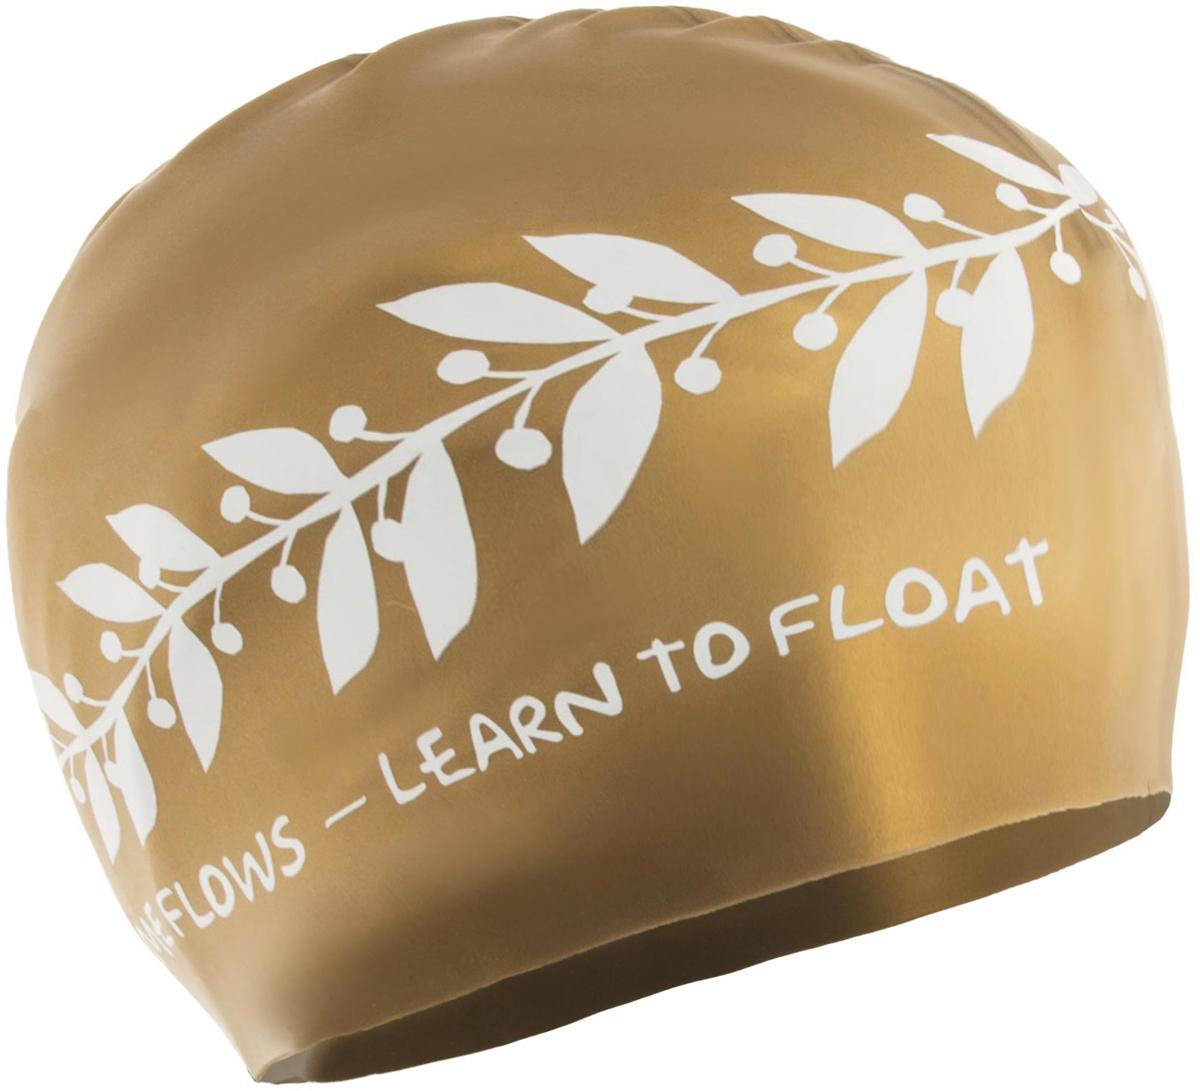 Шапочка для плавания Larsen, цвет: золотистый. LS71281672Классическая шапочка для плавания Larsen выполнена из высококачественного силикона. Она плотно облегает голову, обеспечивая комфортную и надежную посадку. Размер: 22 х 19 см.